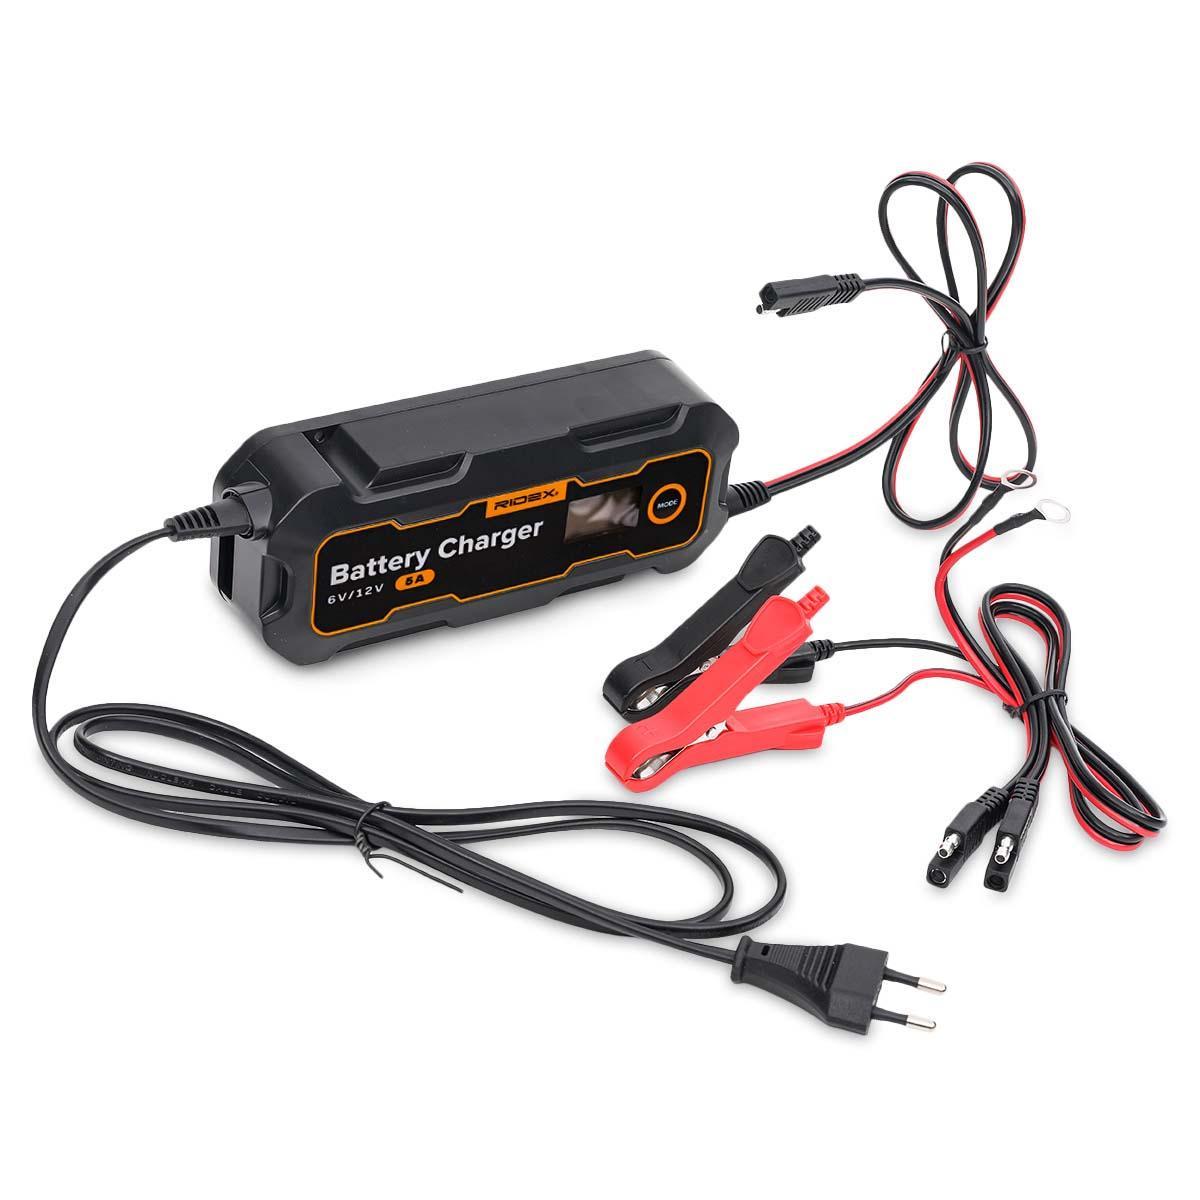 8040A0009 Starthilfegerät RIDEX - Markenprodukte billig